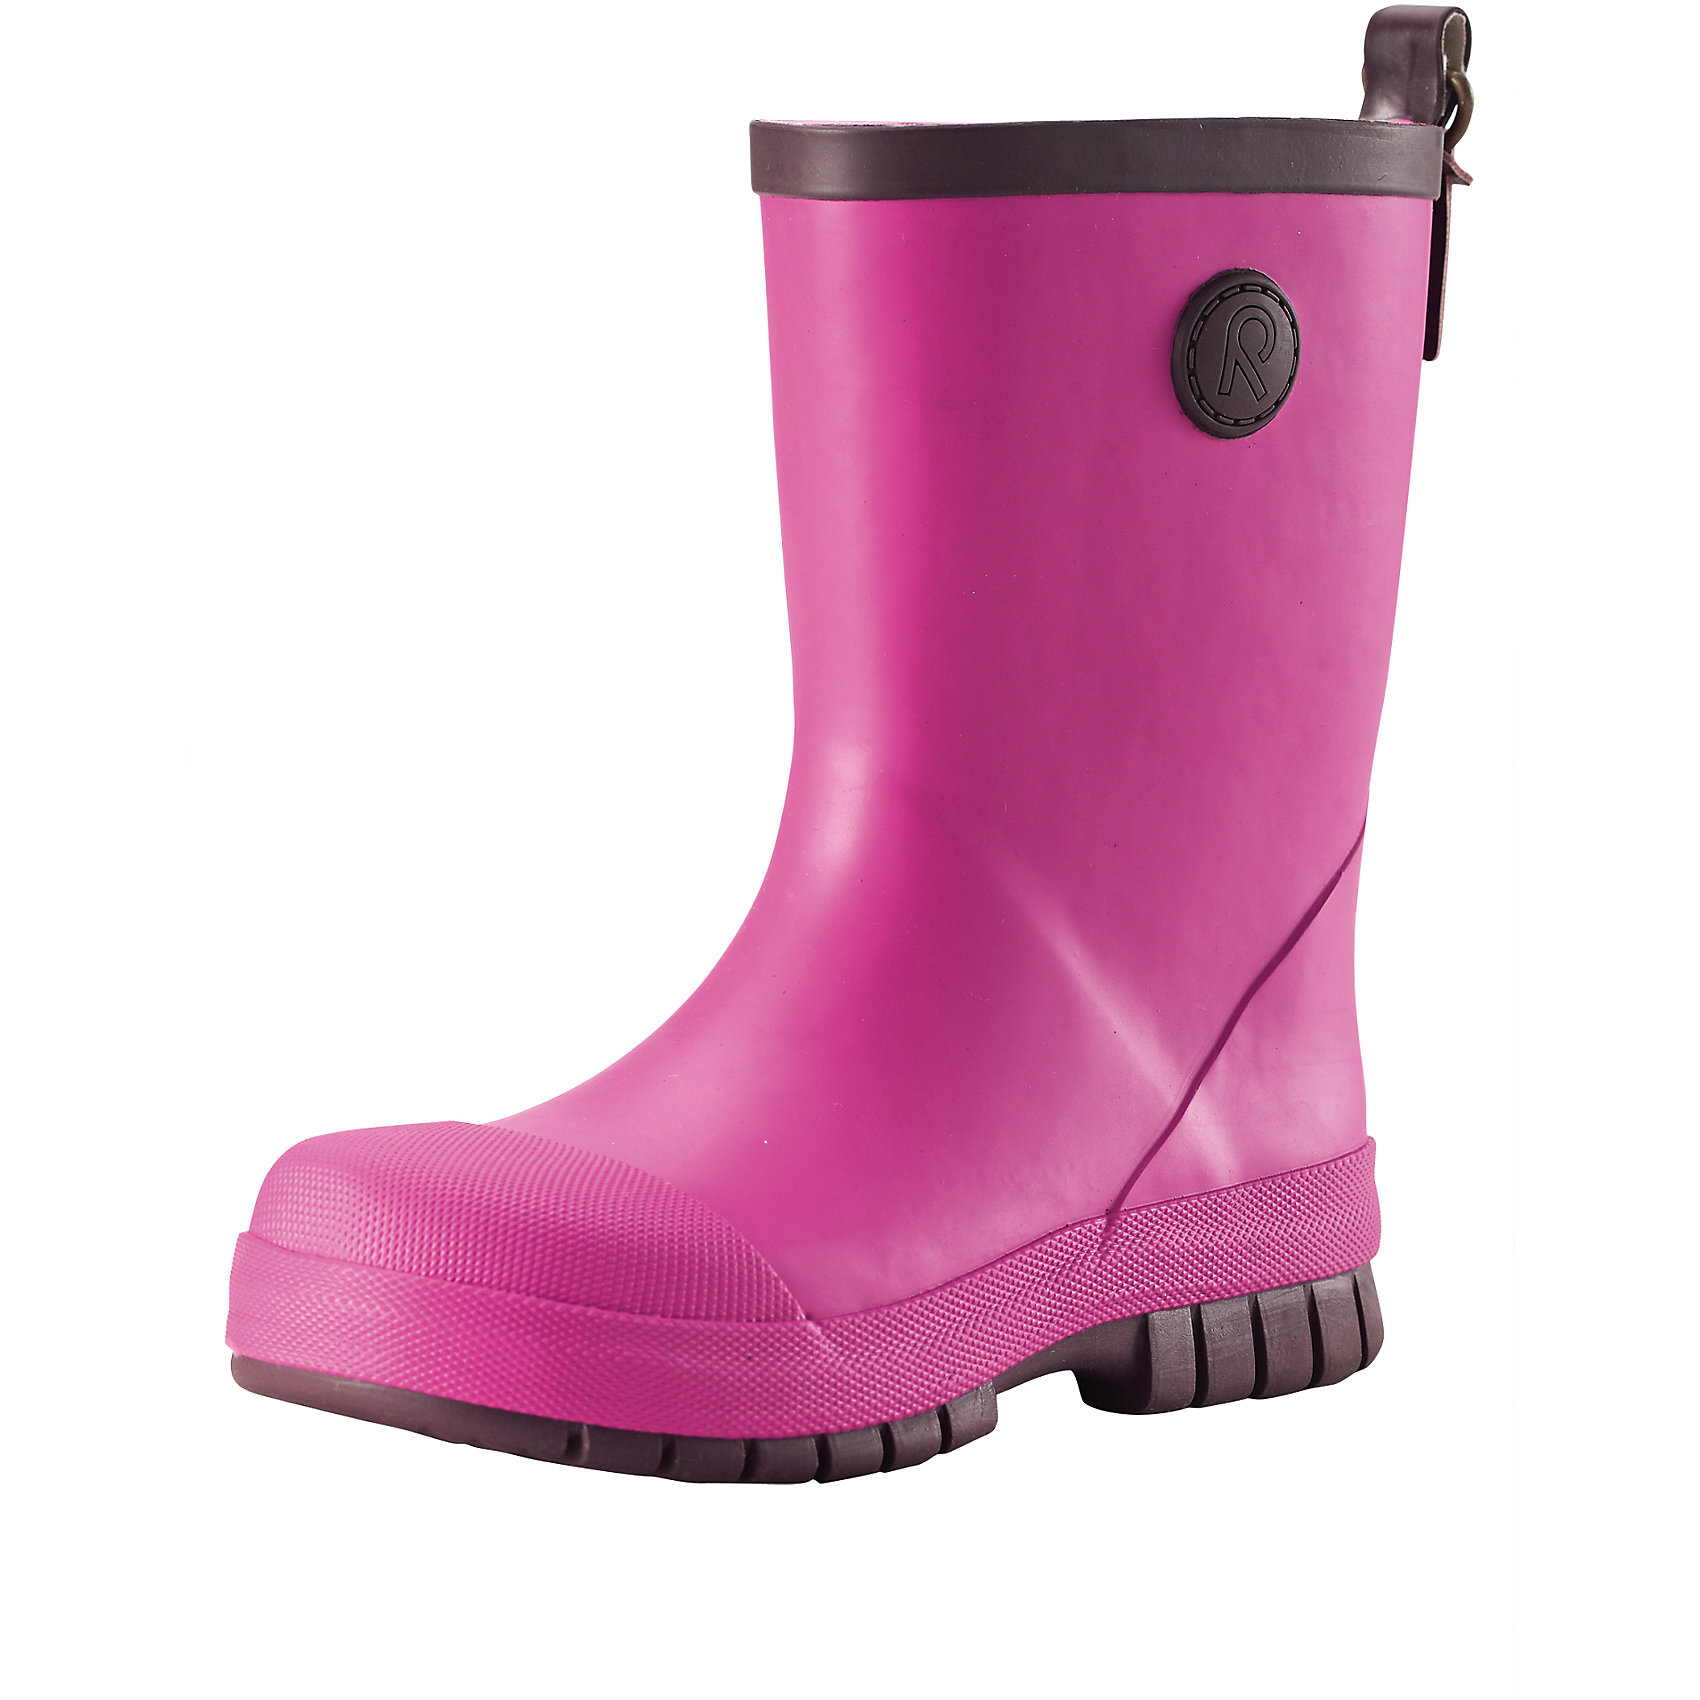 Резиновые сапоги для девочки ReimaВеликолепные однотонные резиновые ботинки для малышей легко комбинируются с различной одеждой. Ботинки оснащены удобной хлопчатобумажной подкладкой, а съемные стельки с принтом Happy Fit помогут подобрать правильный размер. Резиновые ботинки Reima® специально разработаны для маленьких детей – высота голенища тщательно подобрана для удобства детской ножки, поэтому ботинки легко одеваются, но обеспечивают необходимую защиту. Штрипки брюк или комбинезона будут оставаться неподвижными и расположатся как раз перед каблуком благодаря канавке на подошве. Резиновая подошва гарантирует хорошее сцепление на любой поверхности. Обратите внимание на рефлектор на задней части для дополнительной безопасности.<br><br>Дополнительная информация:<br><br>Резиновые сапоги для детей<br>Основной материал на 40 % состоит из натурального каучука, не содержит поливинилхлорида<br>Хлопчатобумажная подкладка<br>Съемные стельки с рисунком Happy Fit, которые помогают определить размер<br>Отражатель на заднике<br>Состав:<br>Подошва: резина, Верх: резина<br>Уход:<br>После использования резиновые сапоги следует почистить. Храните сапоги в темном прохладном месте: выпрямив их голенища.<br><br>Ширина мм: 237<br>Глубина мм: 180<br>Высота мм: 152<br>Вес г: 438<br>Цвет: розовый<br>Возраст от месяцев: 144<br>Возраст до месяцев: 156<br>Пол: Женский<br>Возраст: Детский<br>Размер: 36,37,30,33,38,32,31,29,28,25,26,27,34,35<br>SKU: 4498401